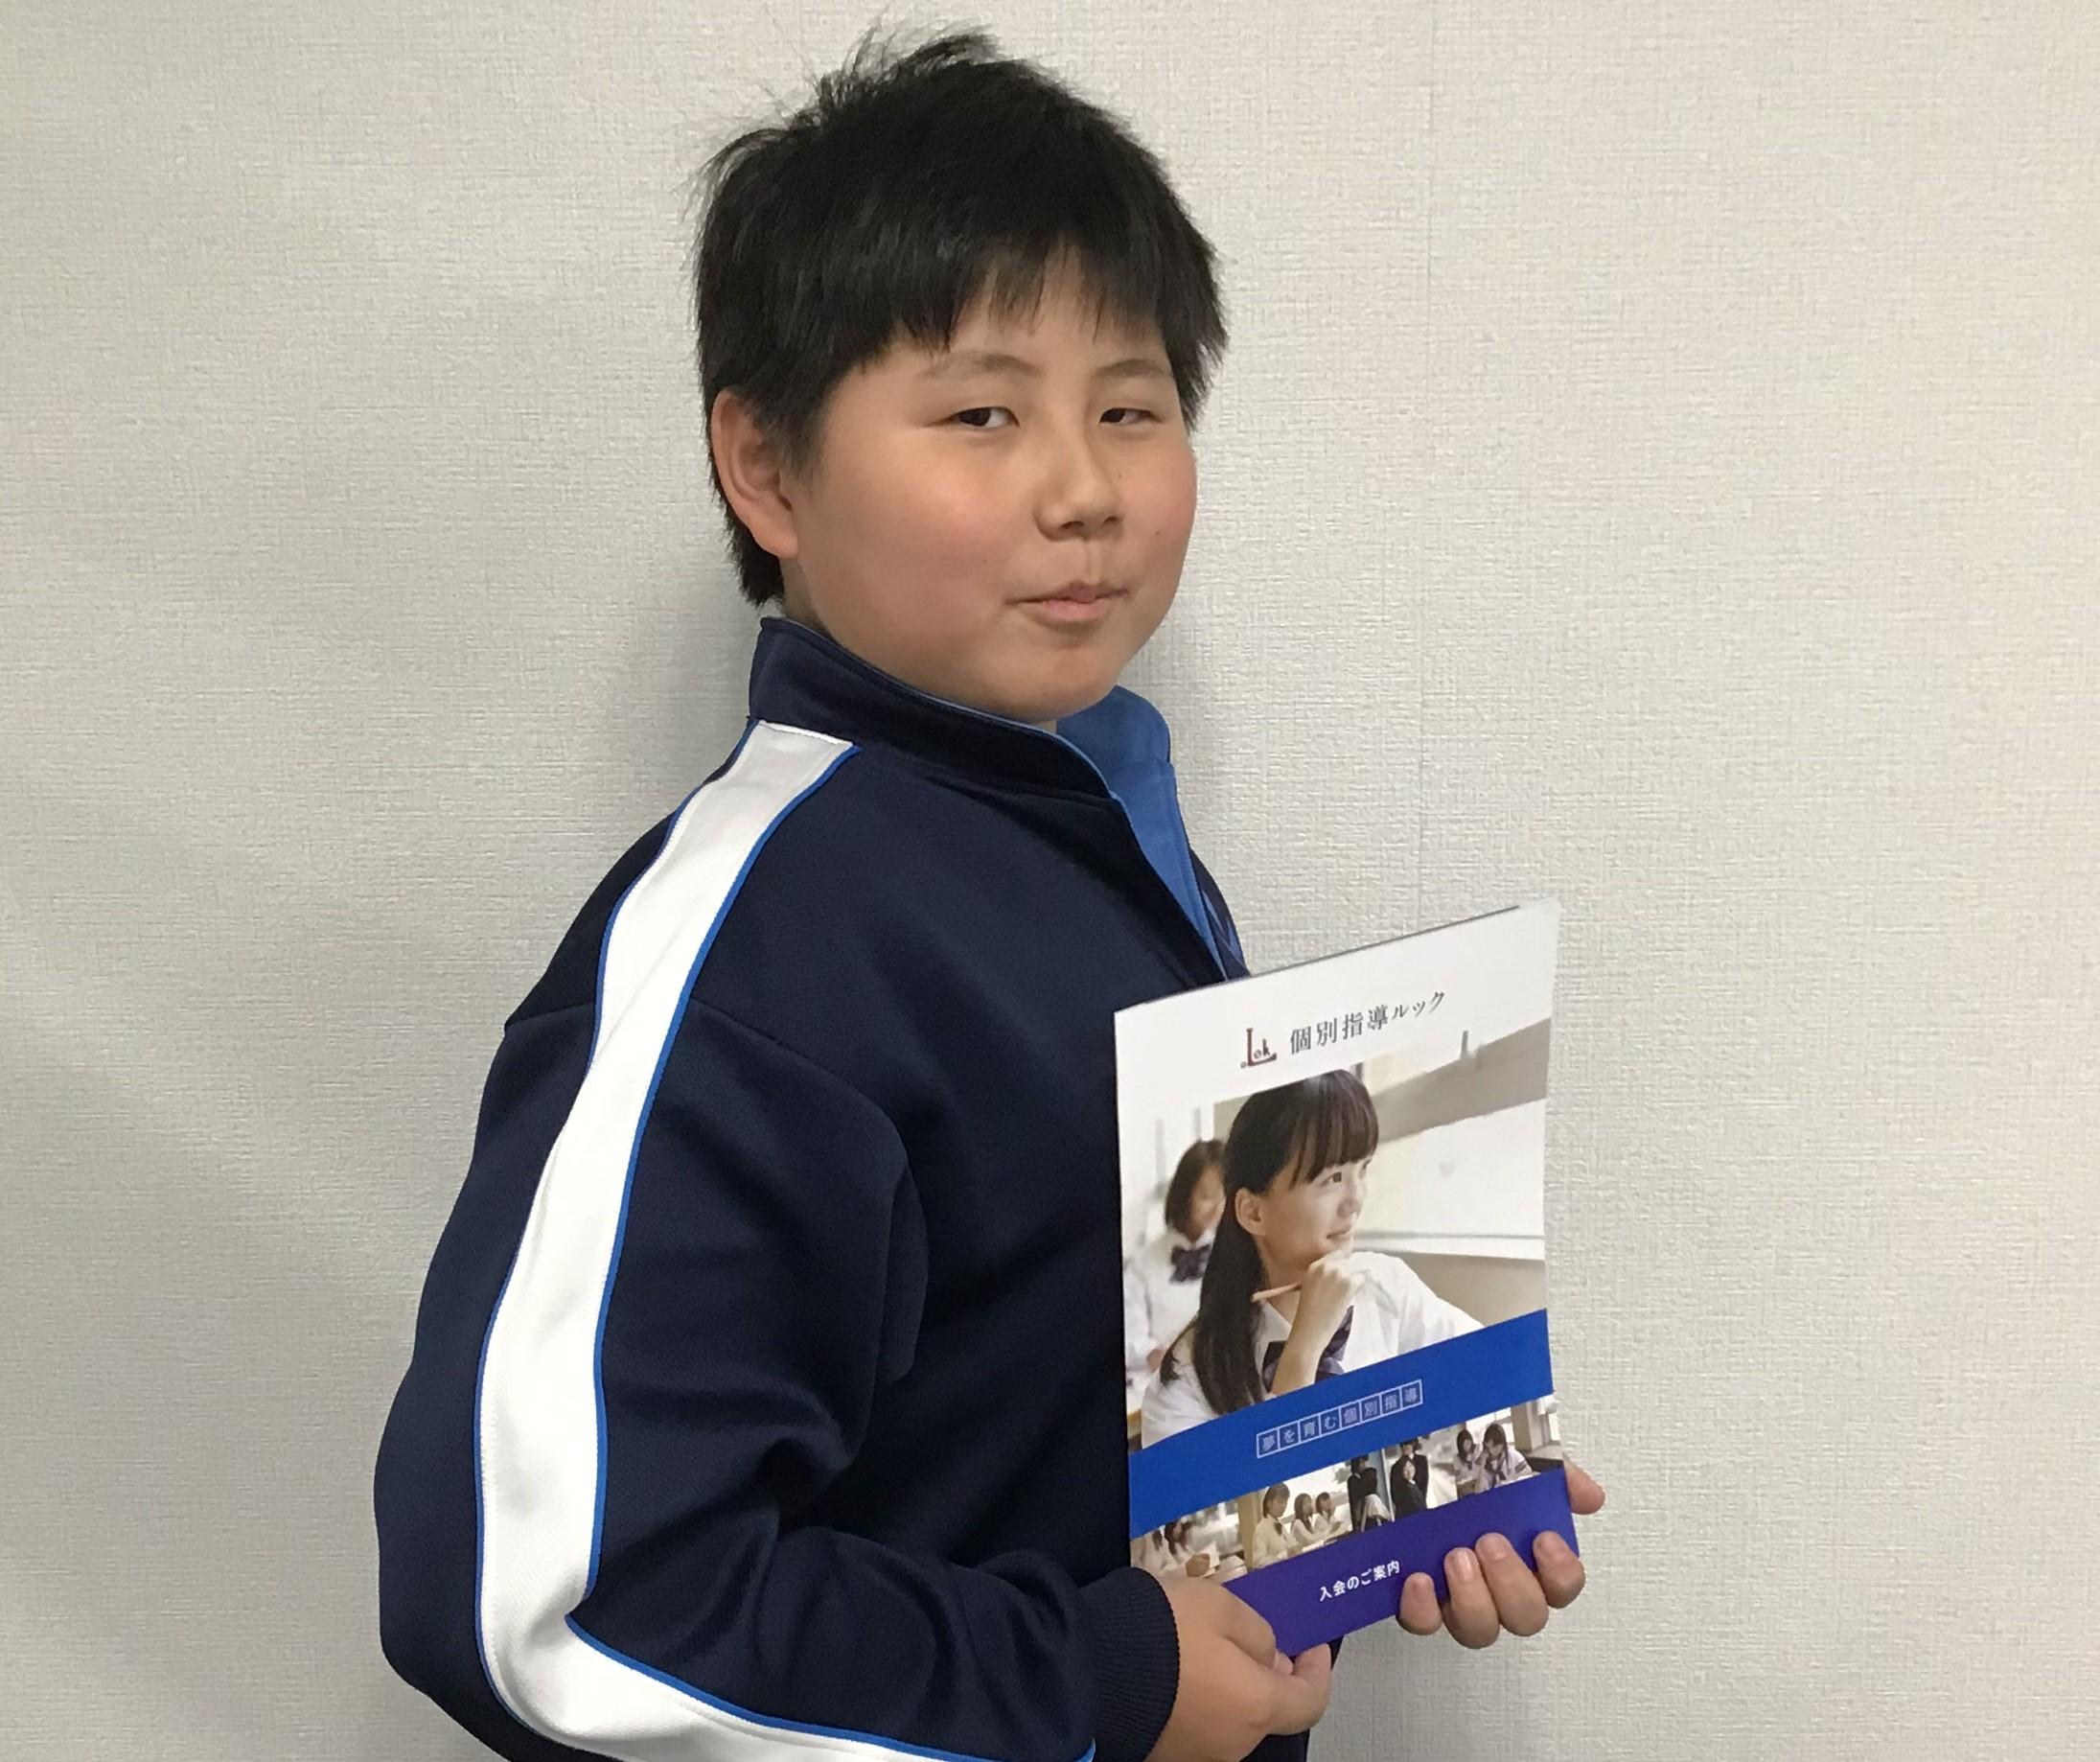 西川口生徒